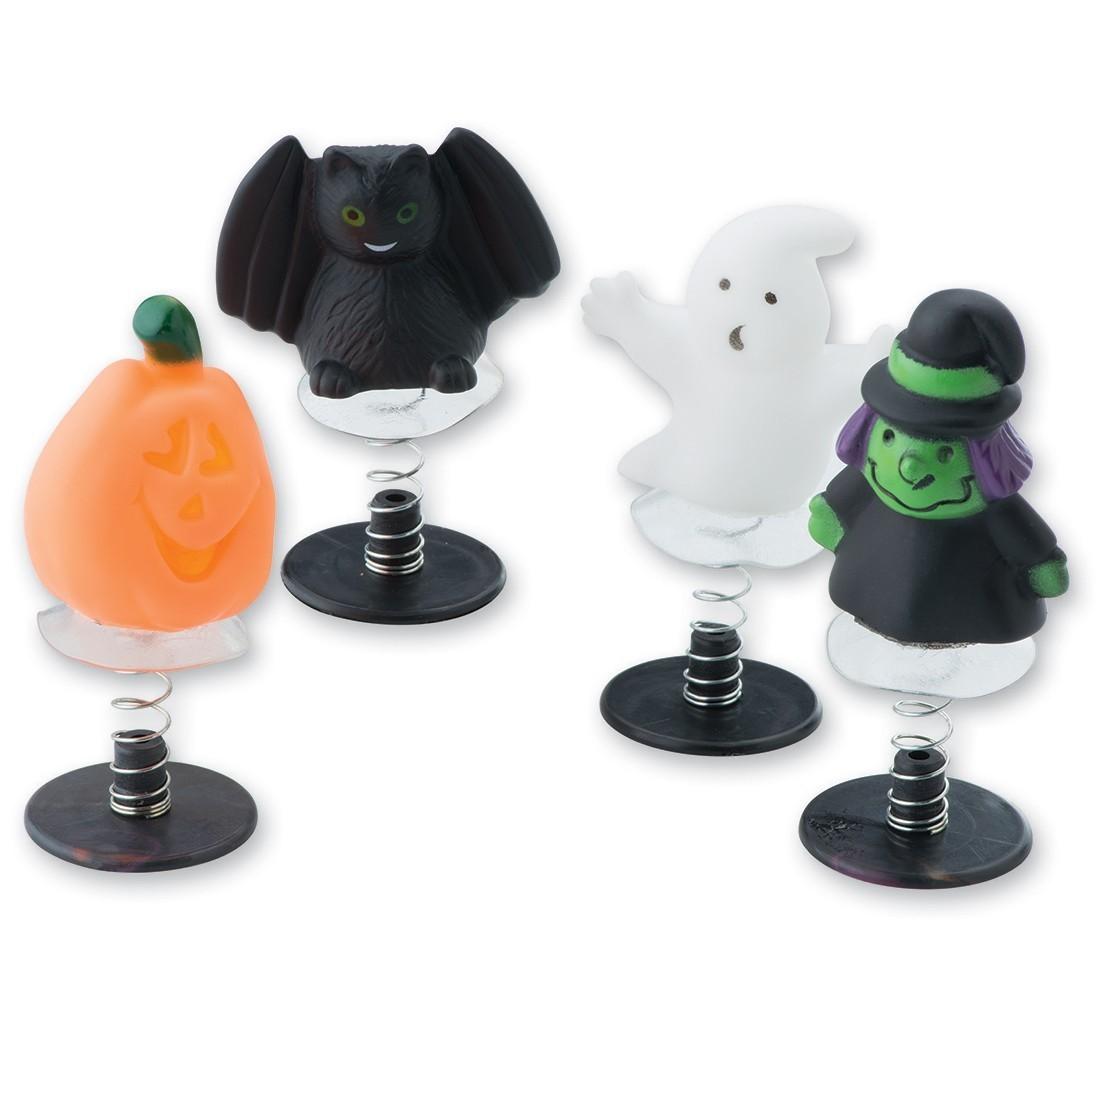 Halloween Pop-Ups [image]